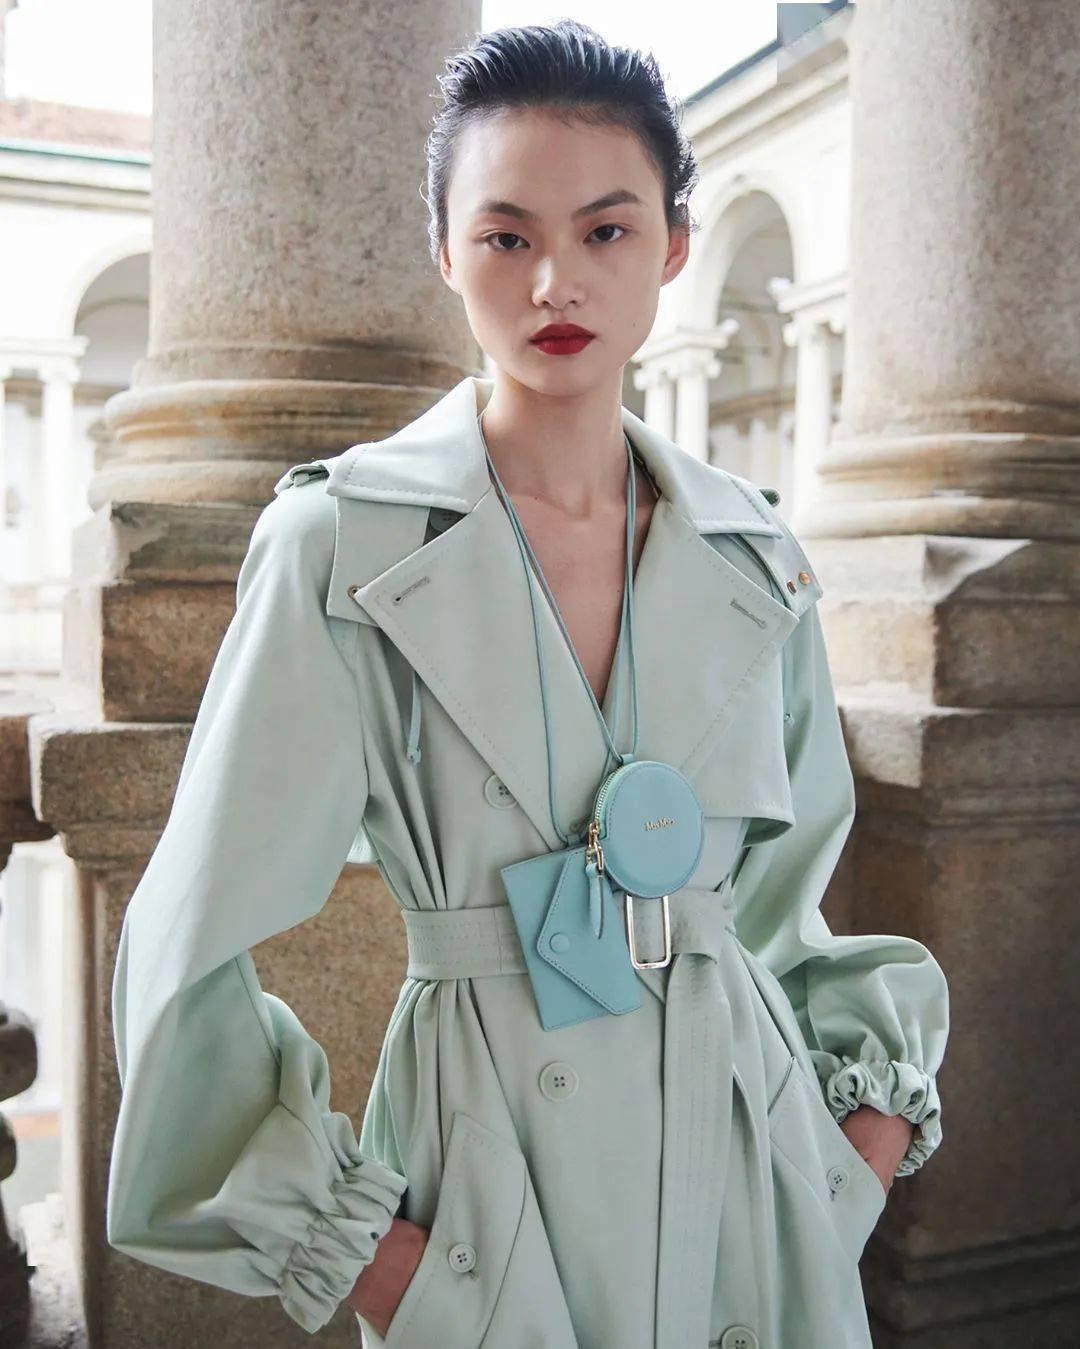 2021春夏时装周 复苏文艺复兴美学,max mara 结合都会与复古的女力精神